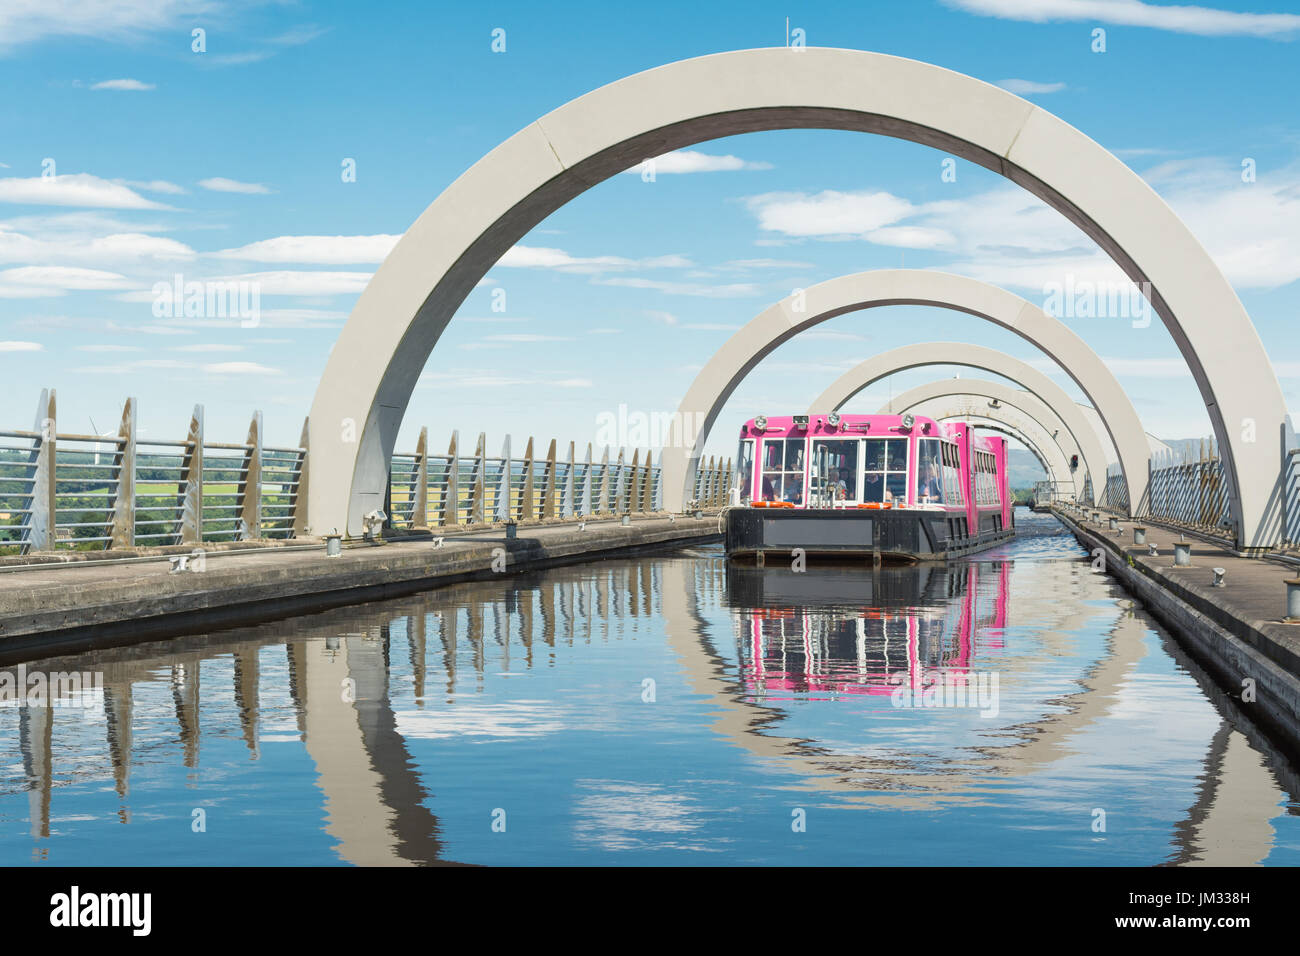 La rueda de Falkirk - viaje en barco en la parte superior de la rueda Imagen De Stock